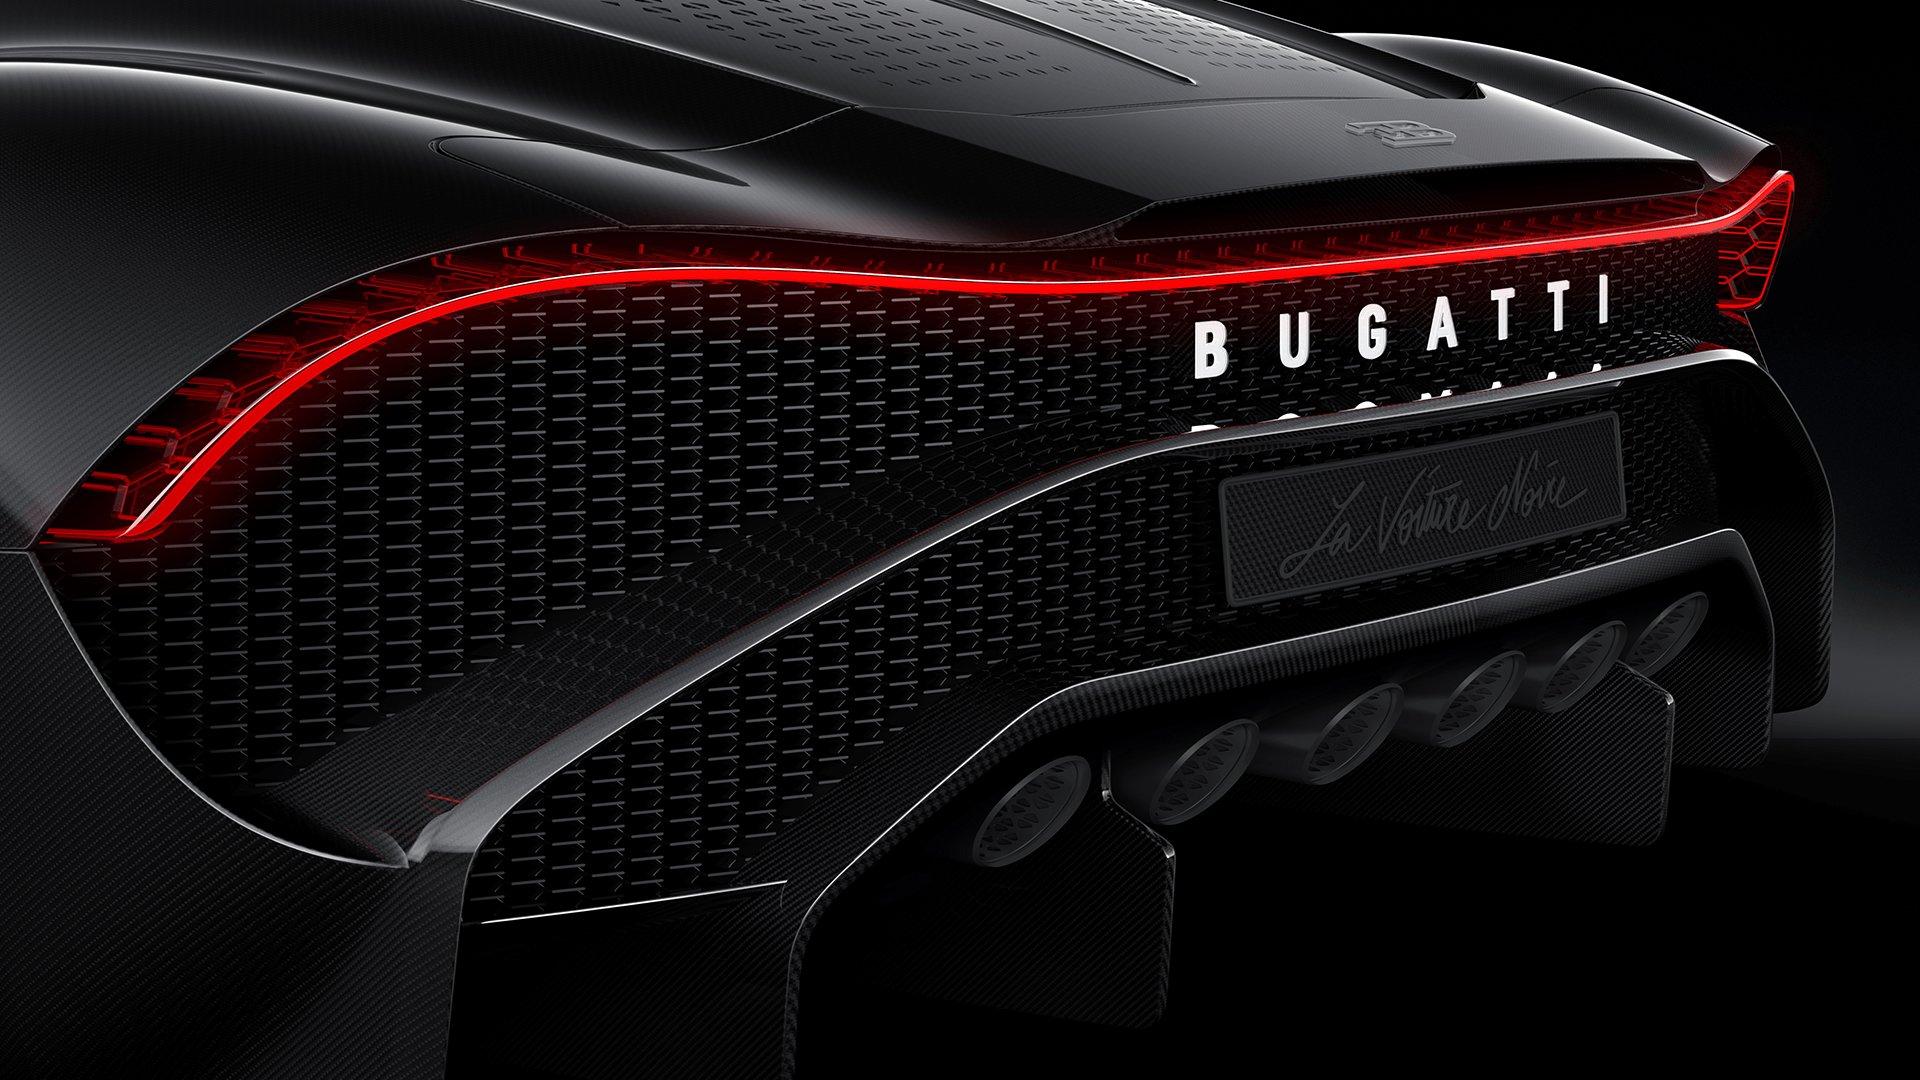 Bugatti, La Voiture Noire